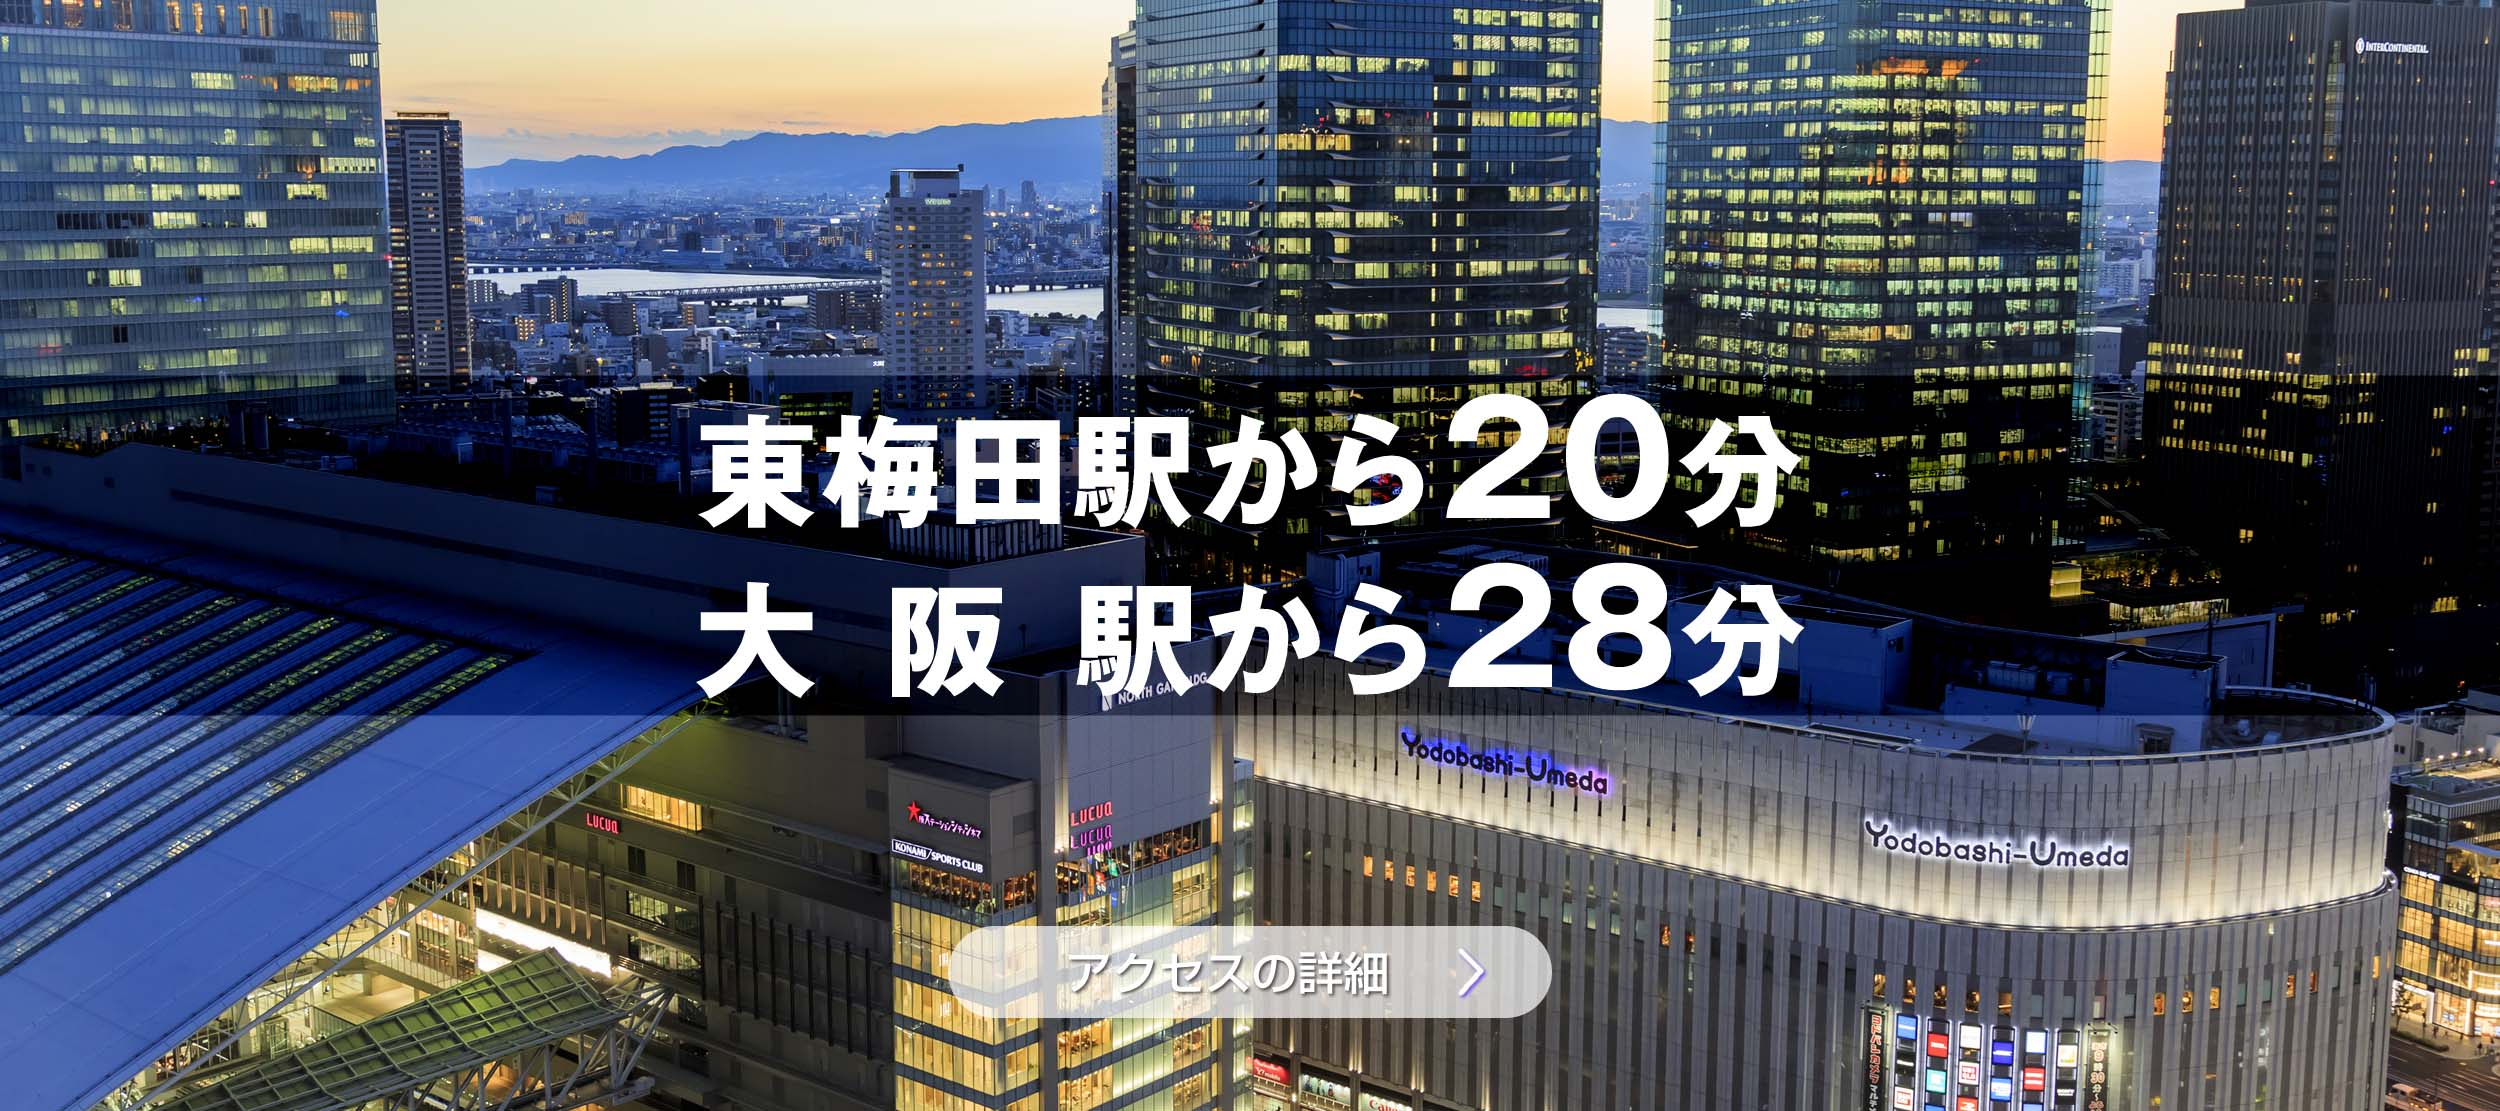 梅田・大阪駅から20分 ビジネス・観光の拠点に